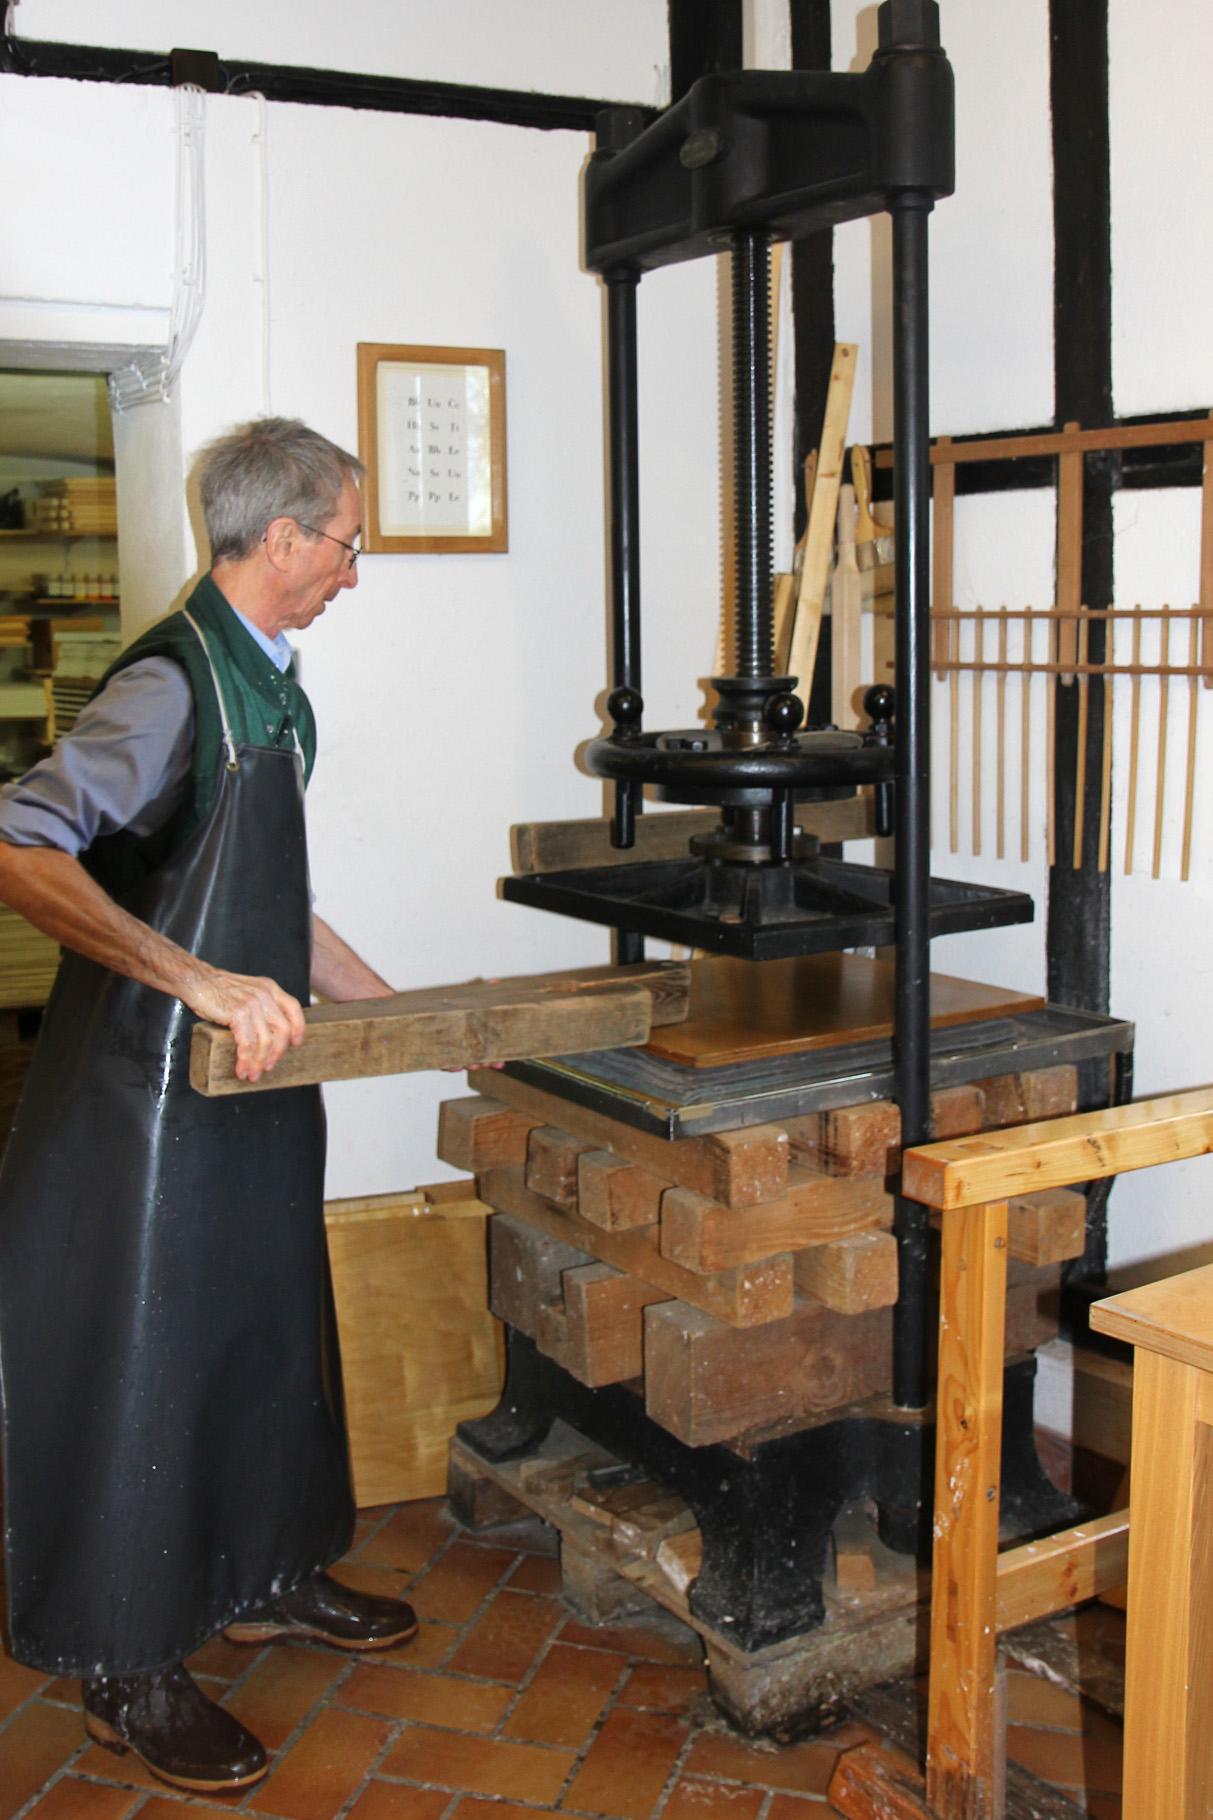 John Gerard deckt den Pauscht mit einem Brett ab und legt Balken zur besseren Druckverteilung auf den Pauscht